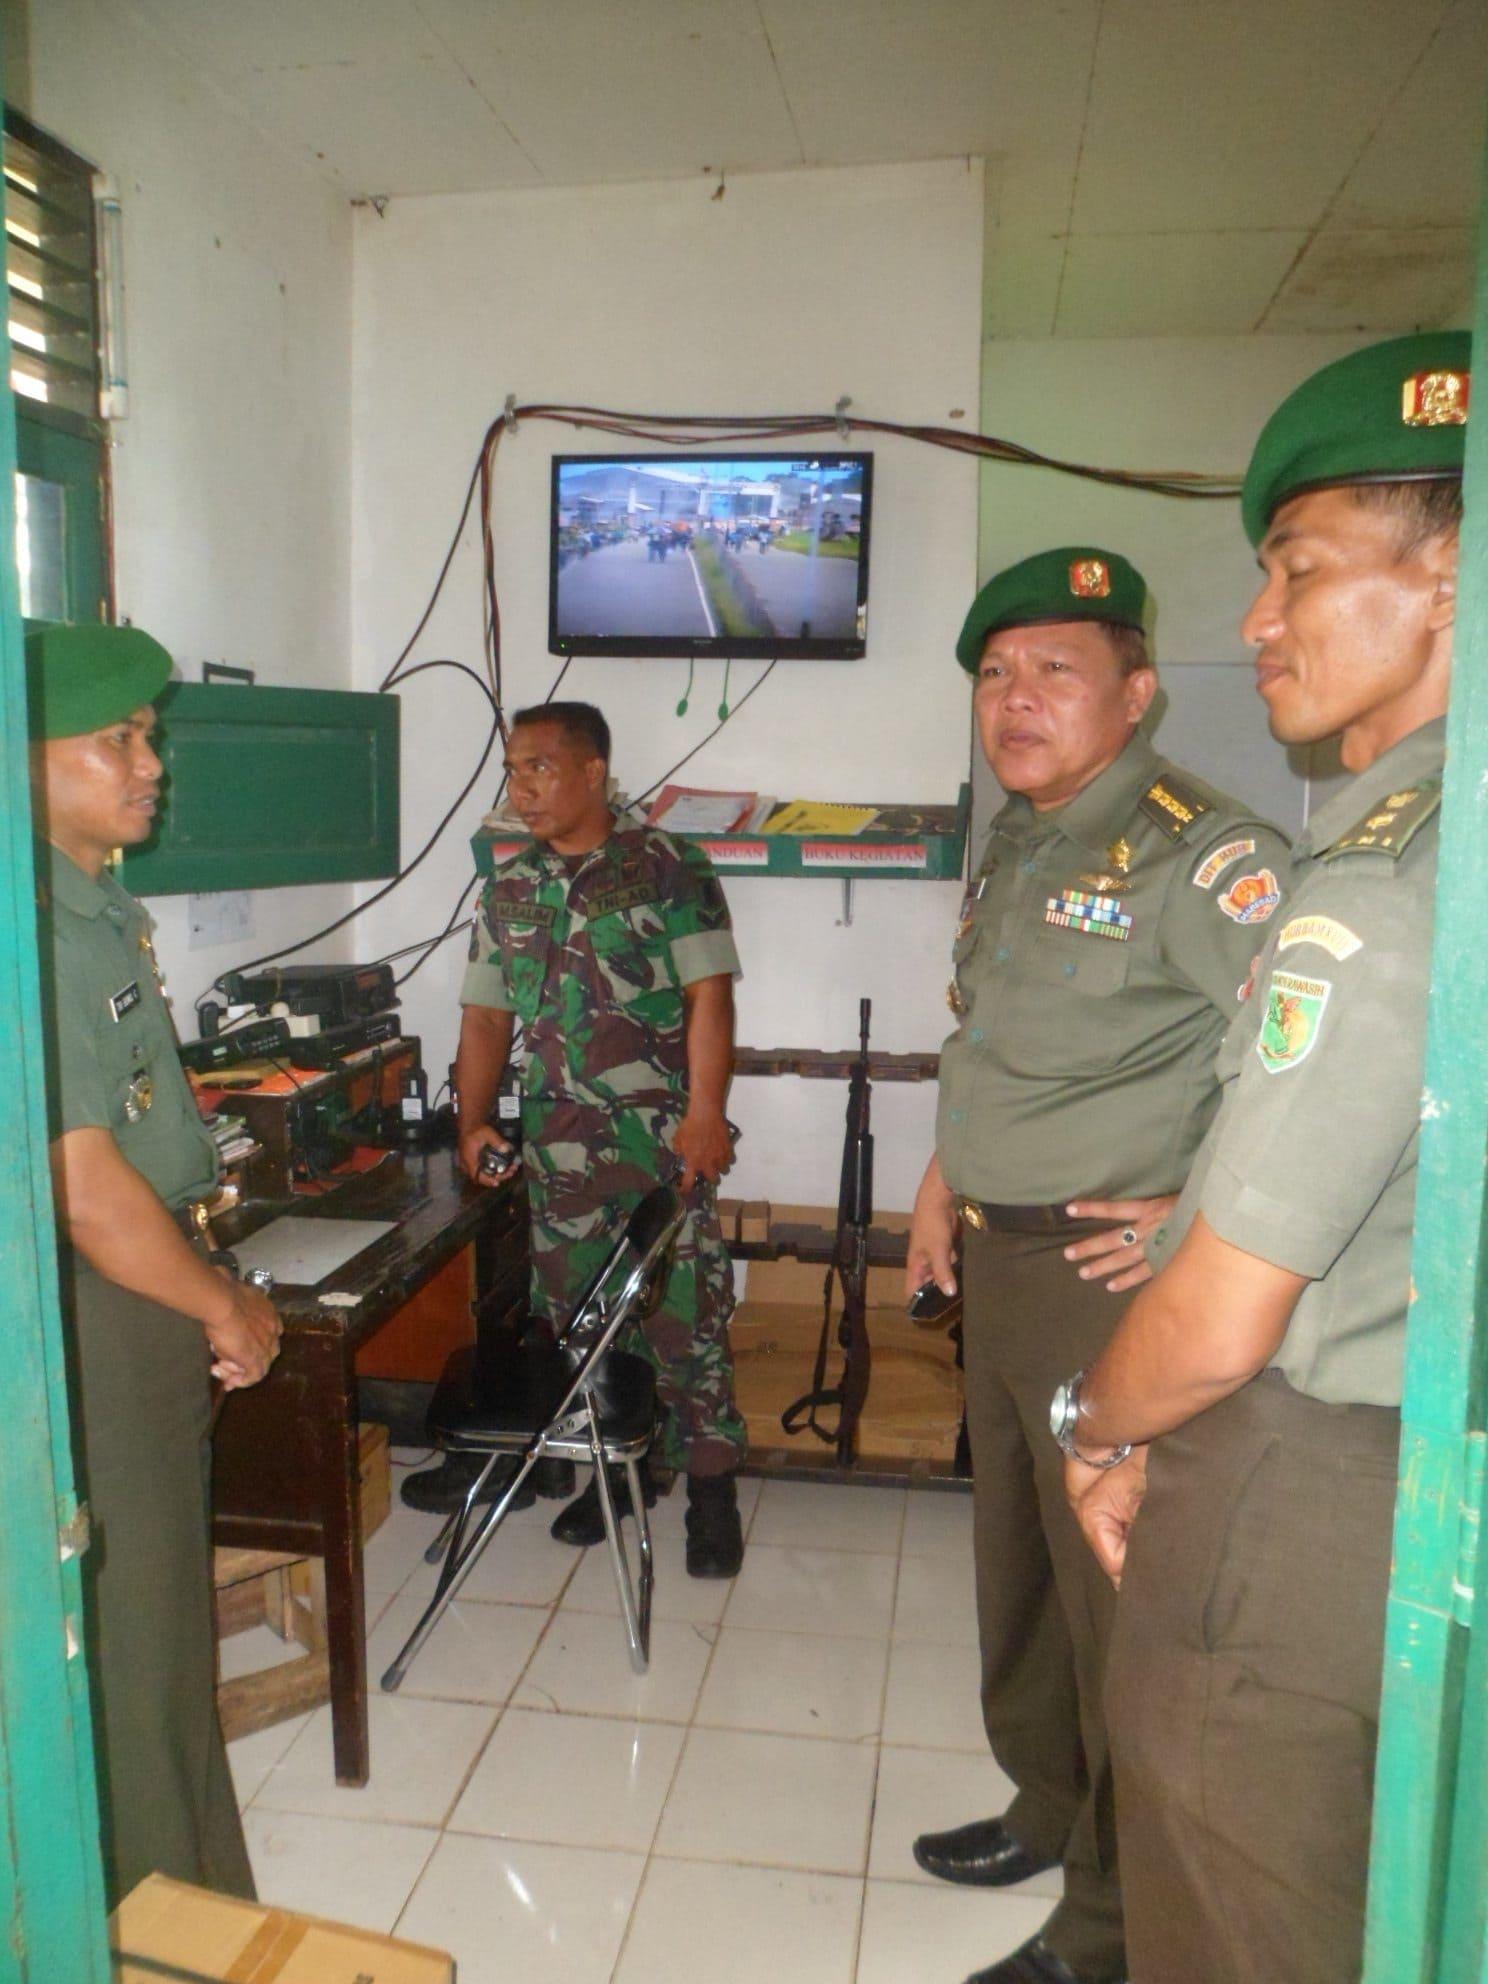 Asistensi Teknis Direktorat Perhubungan Angkatan Darat Ke Perhubungan Kodam XVII/Cenderawasih